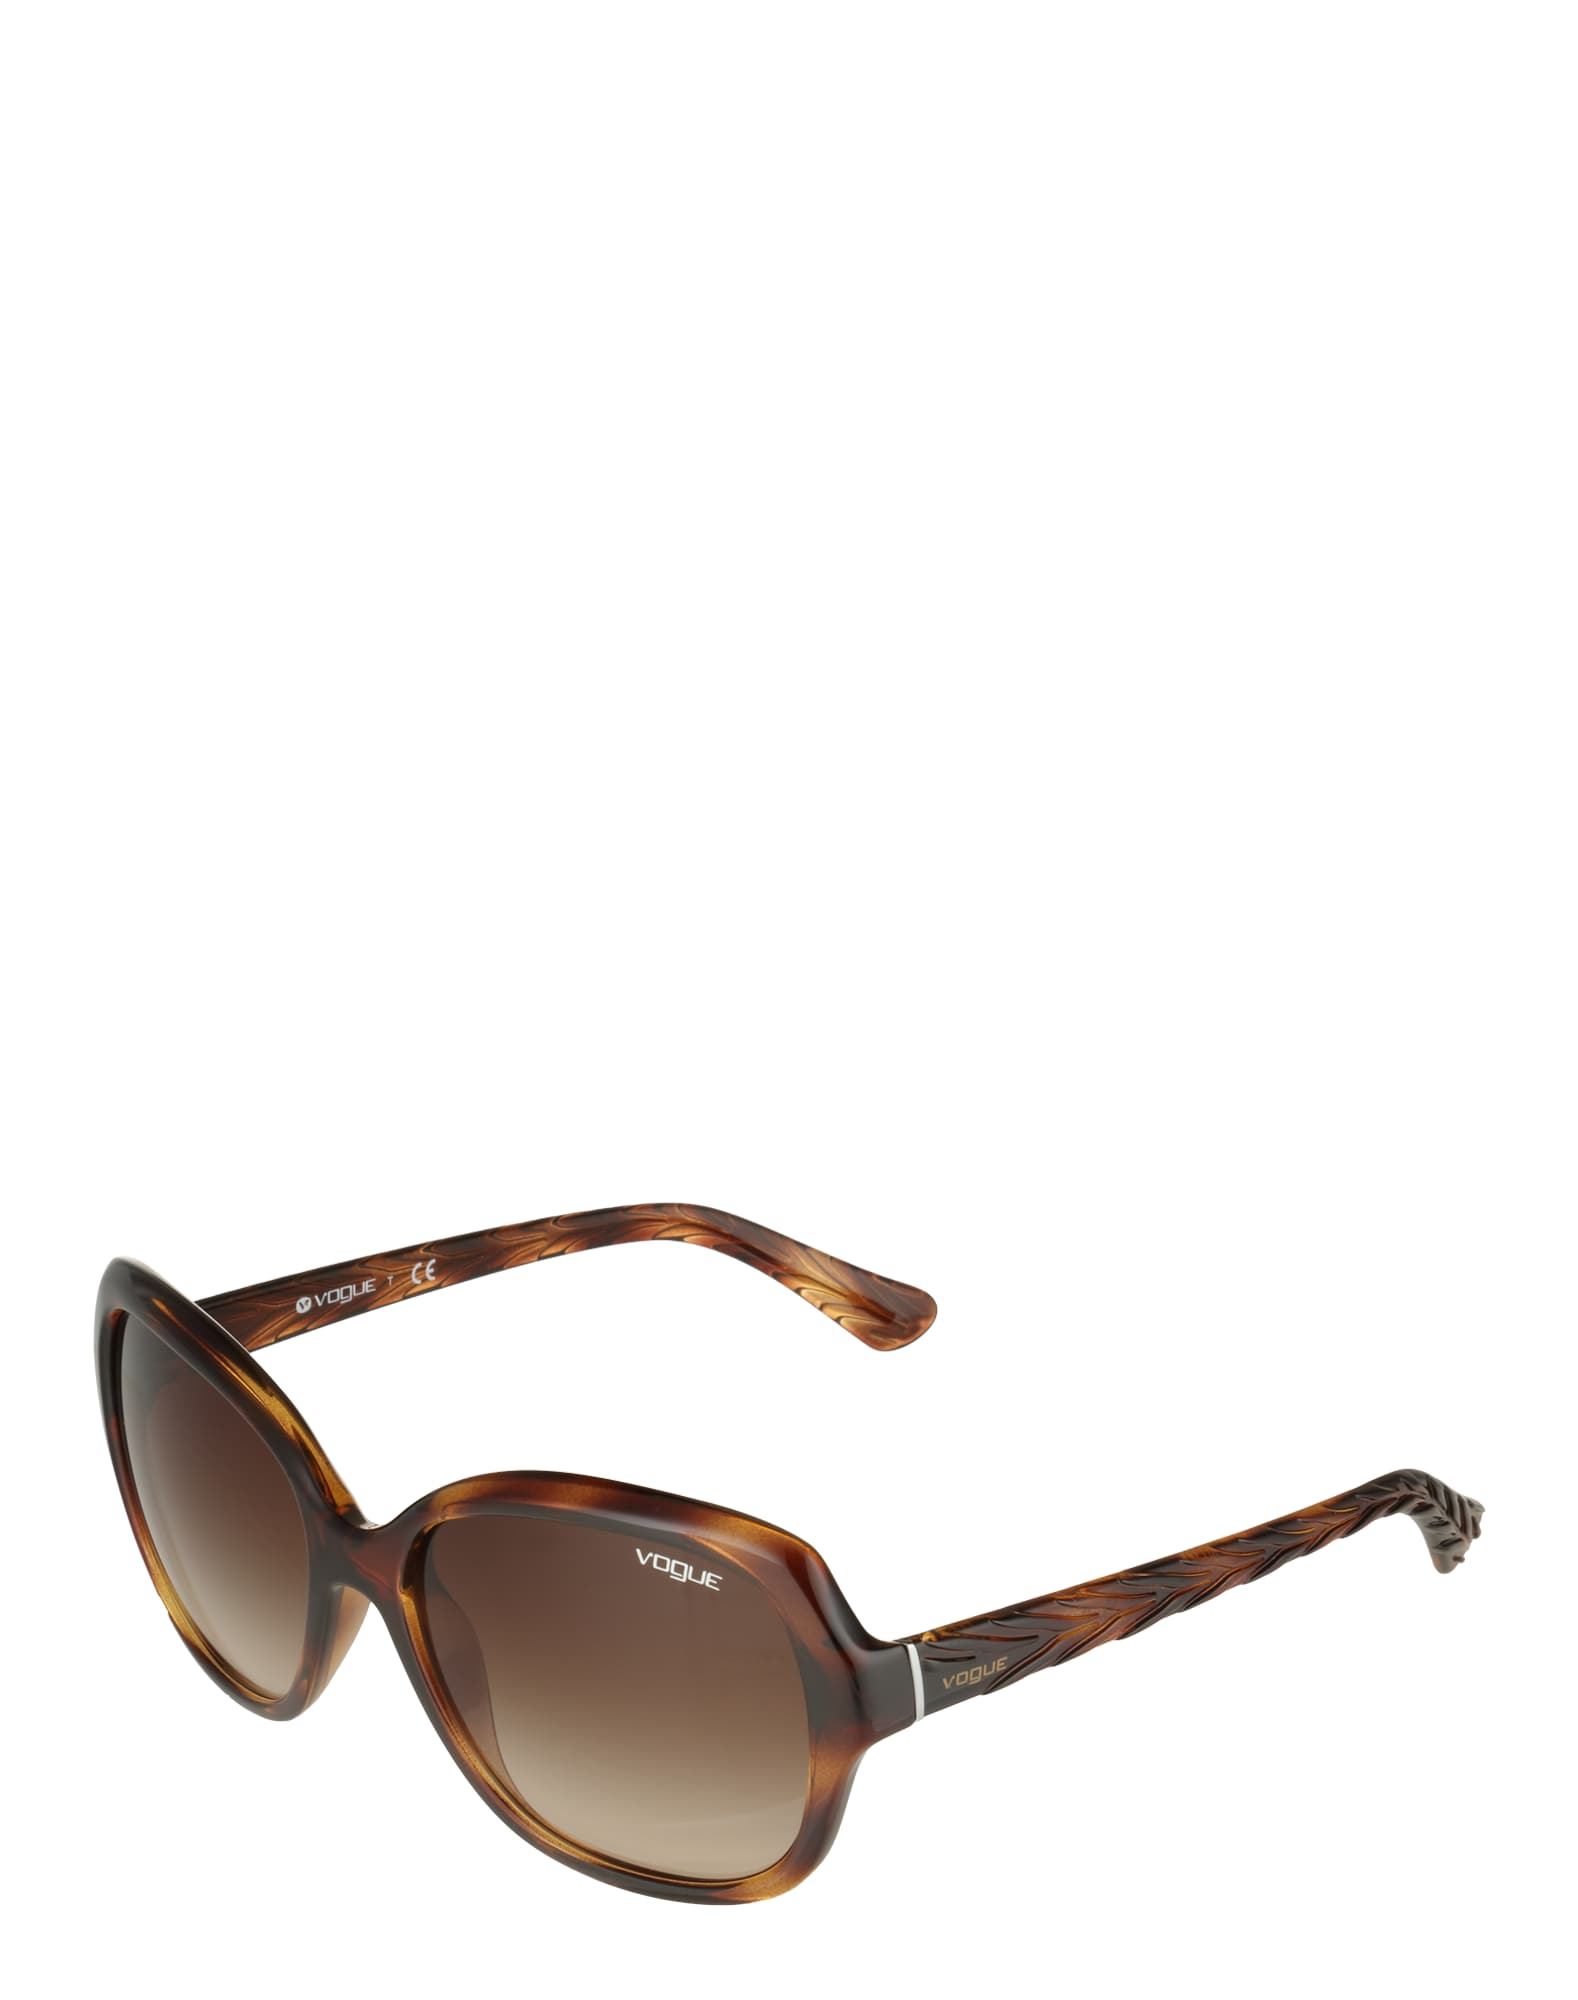 VOGUE Eyewear Akiniai nuo saulės ruda / tamsiai ruda